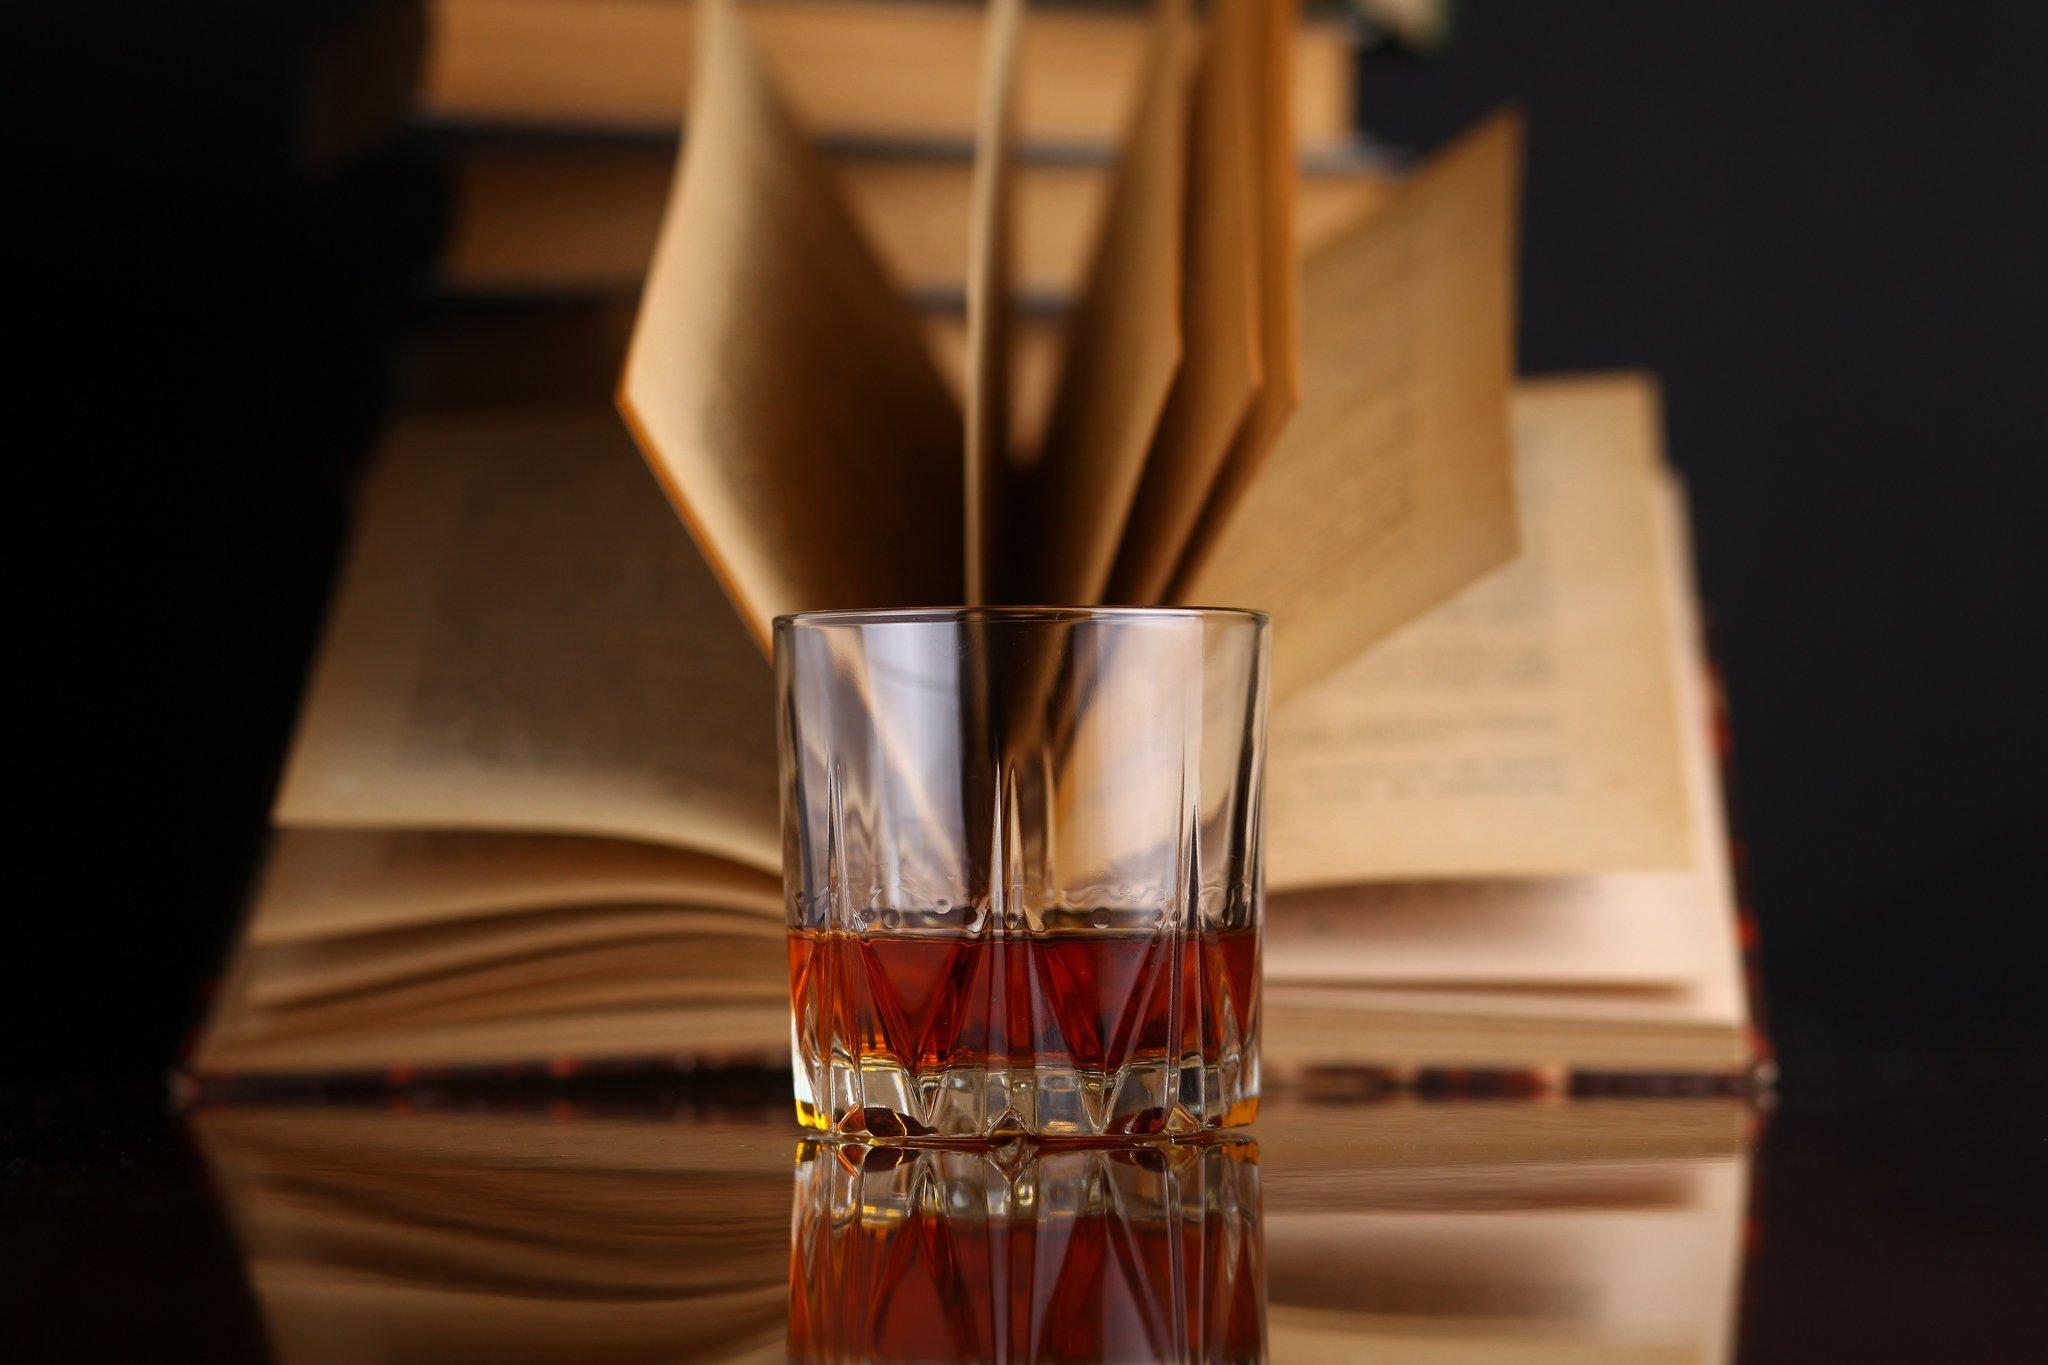 10 лучших книг про алкоголь пьянство и книги пьяное чтение отвратительные мужики disgusting men гедонизм